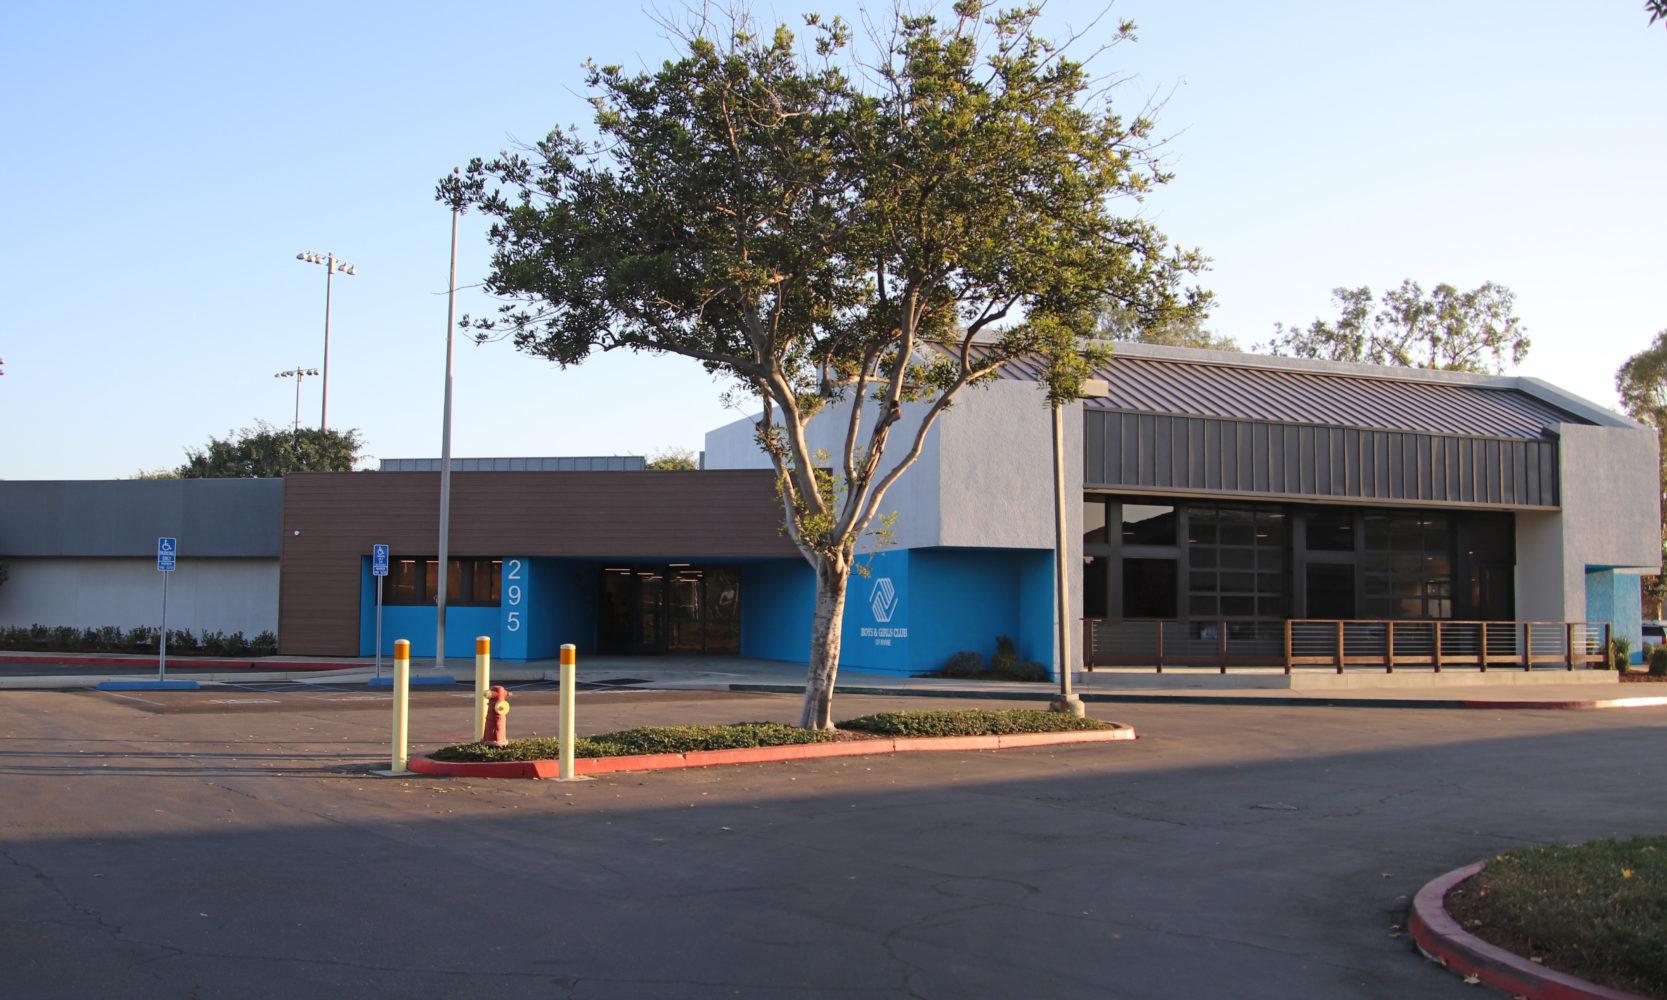 Boys & Girls Club of Irvine exterior